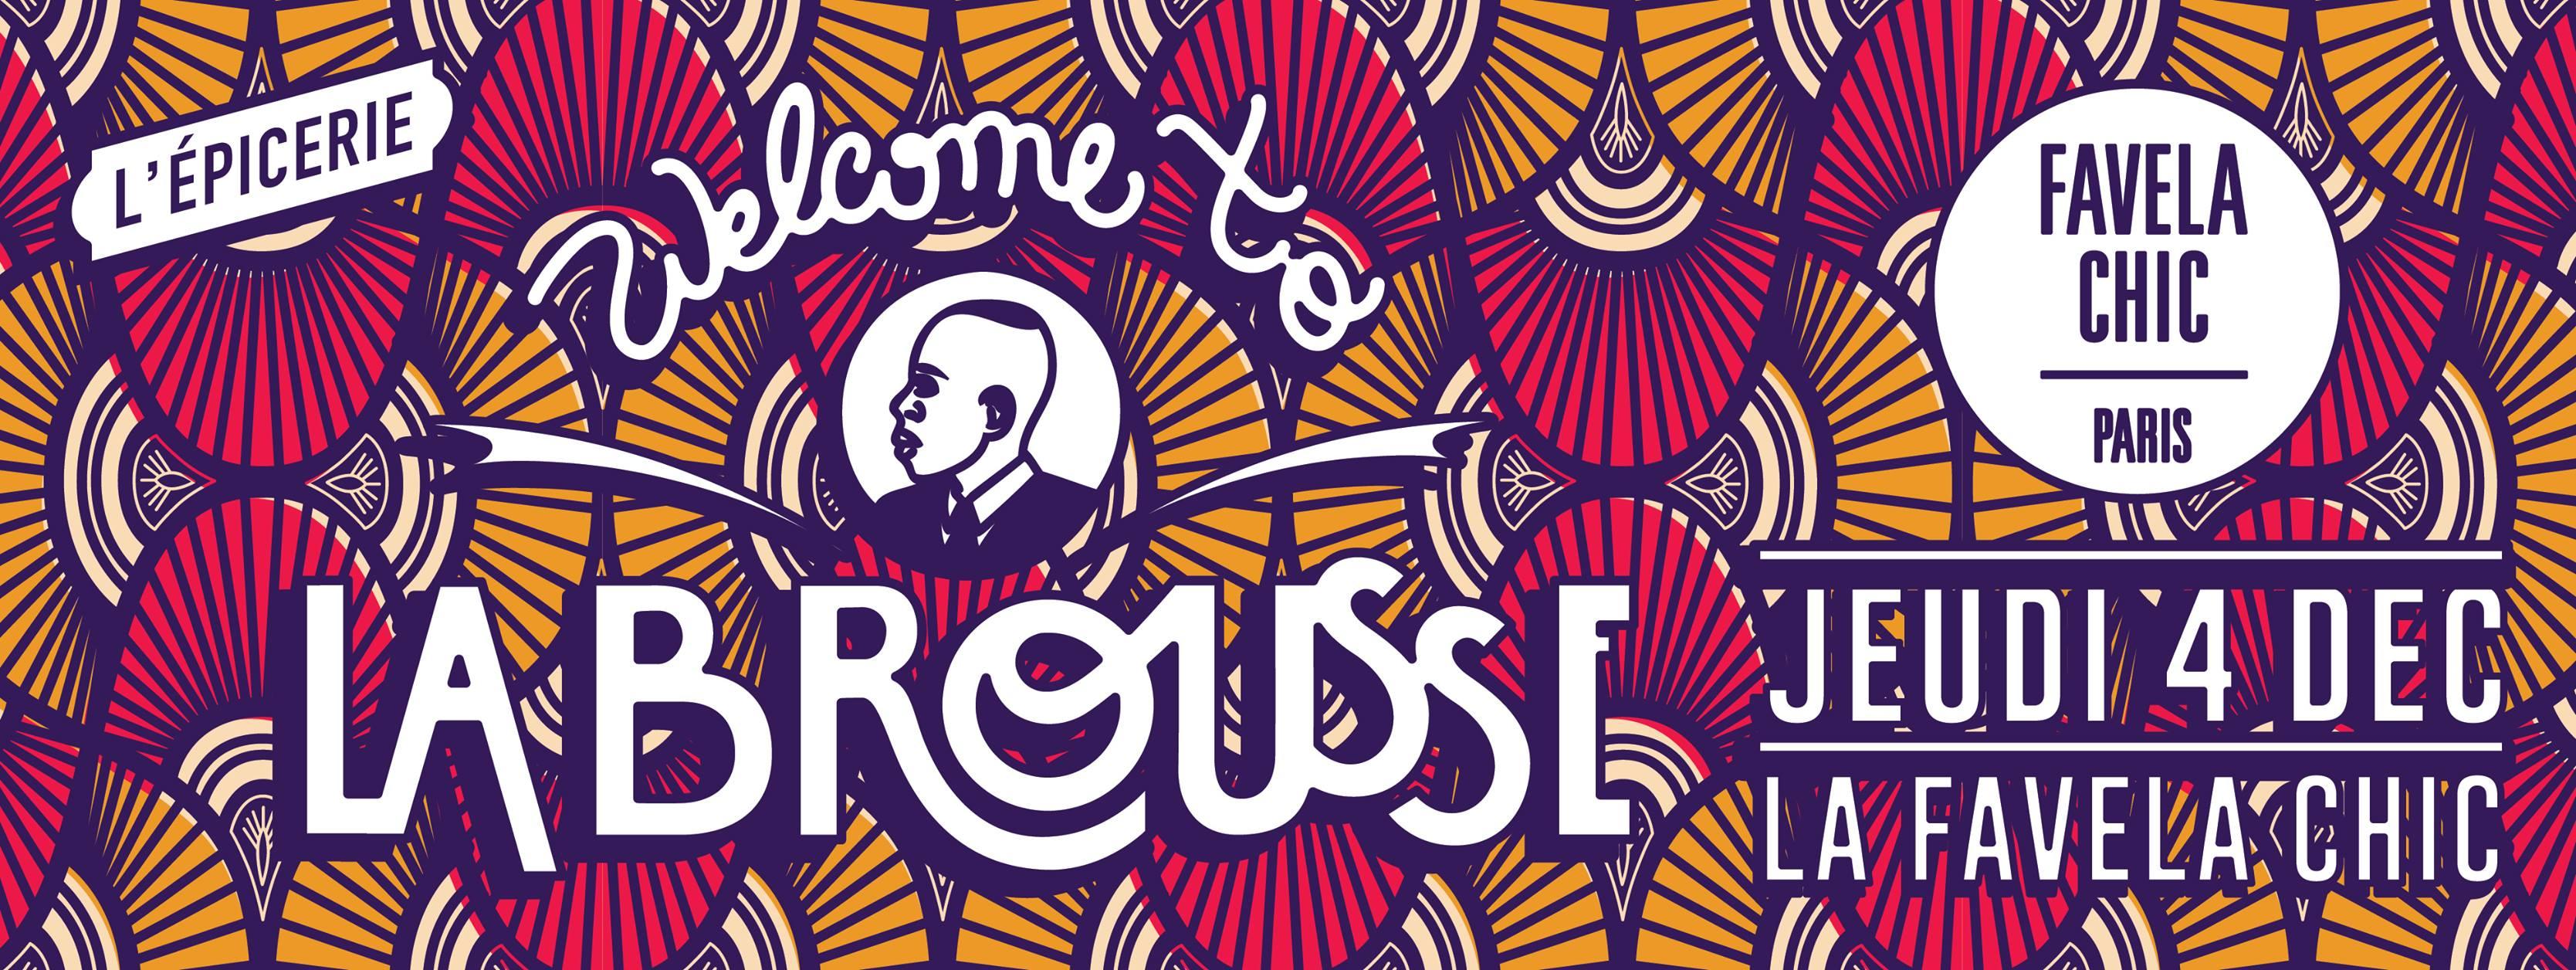 Soirée Welcome to La Brousse Afrique party Collectif l épicerie à la Favela Chic paris le jeudi 4 décembre  2014 musique surprises expo photo